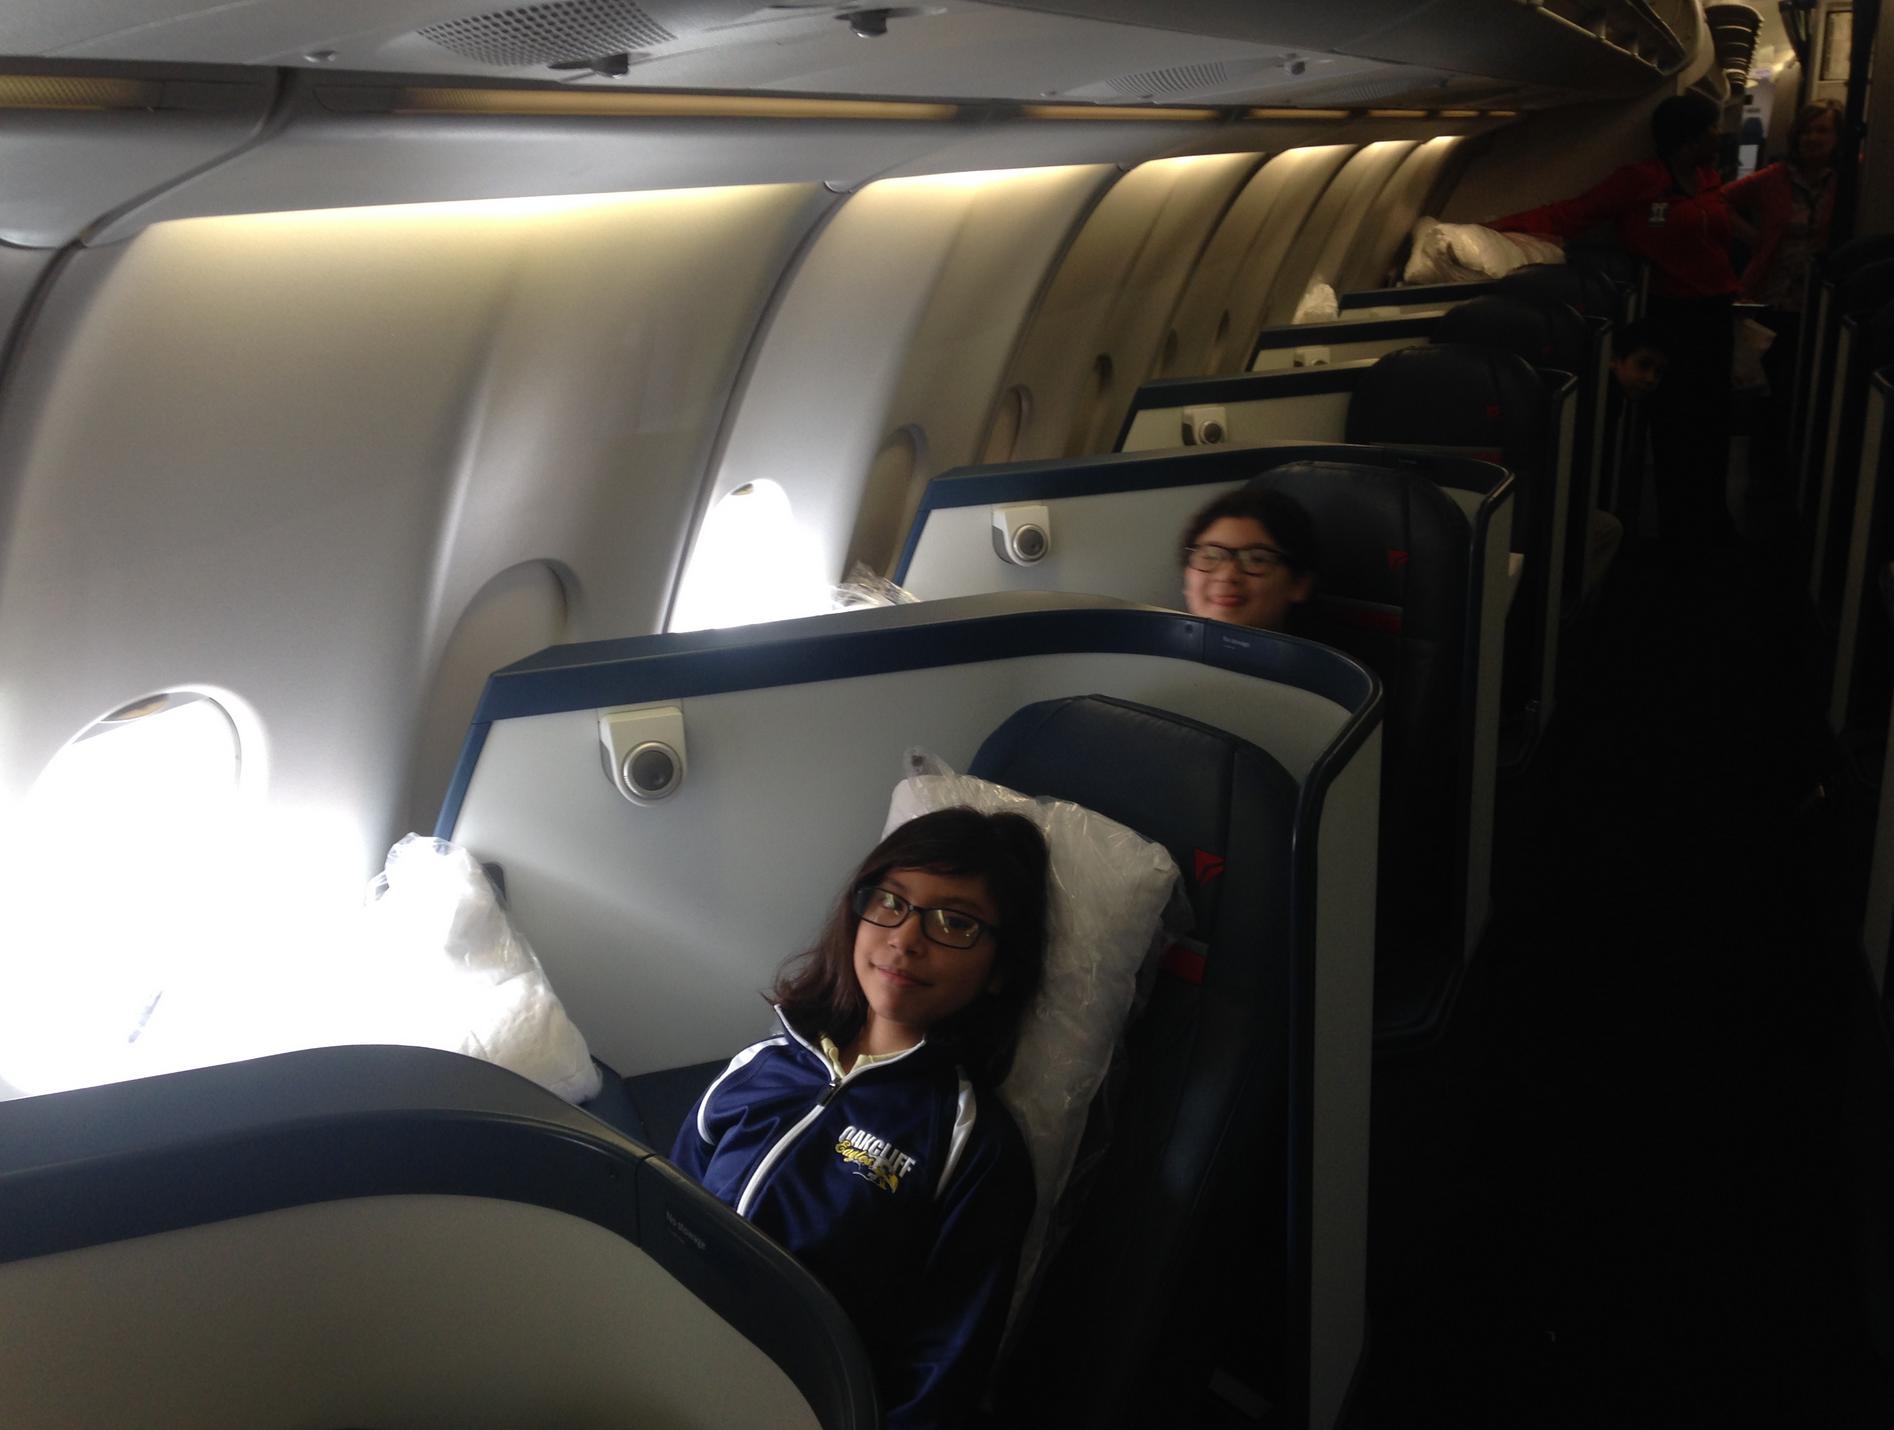 ATL Field Trip Inside Plane